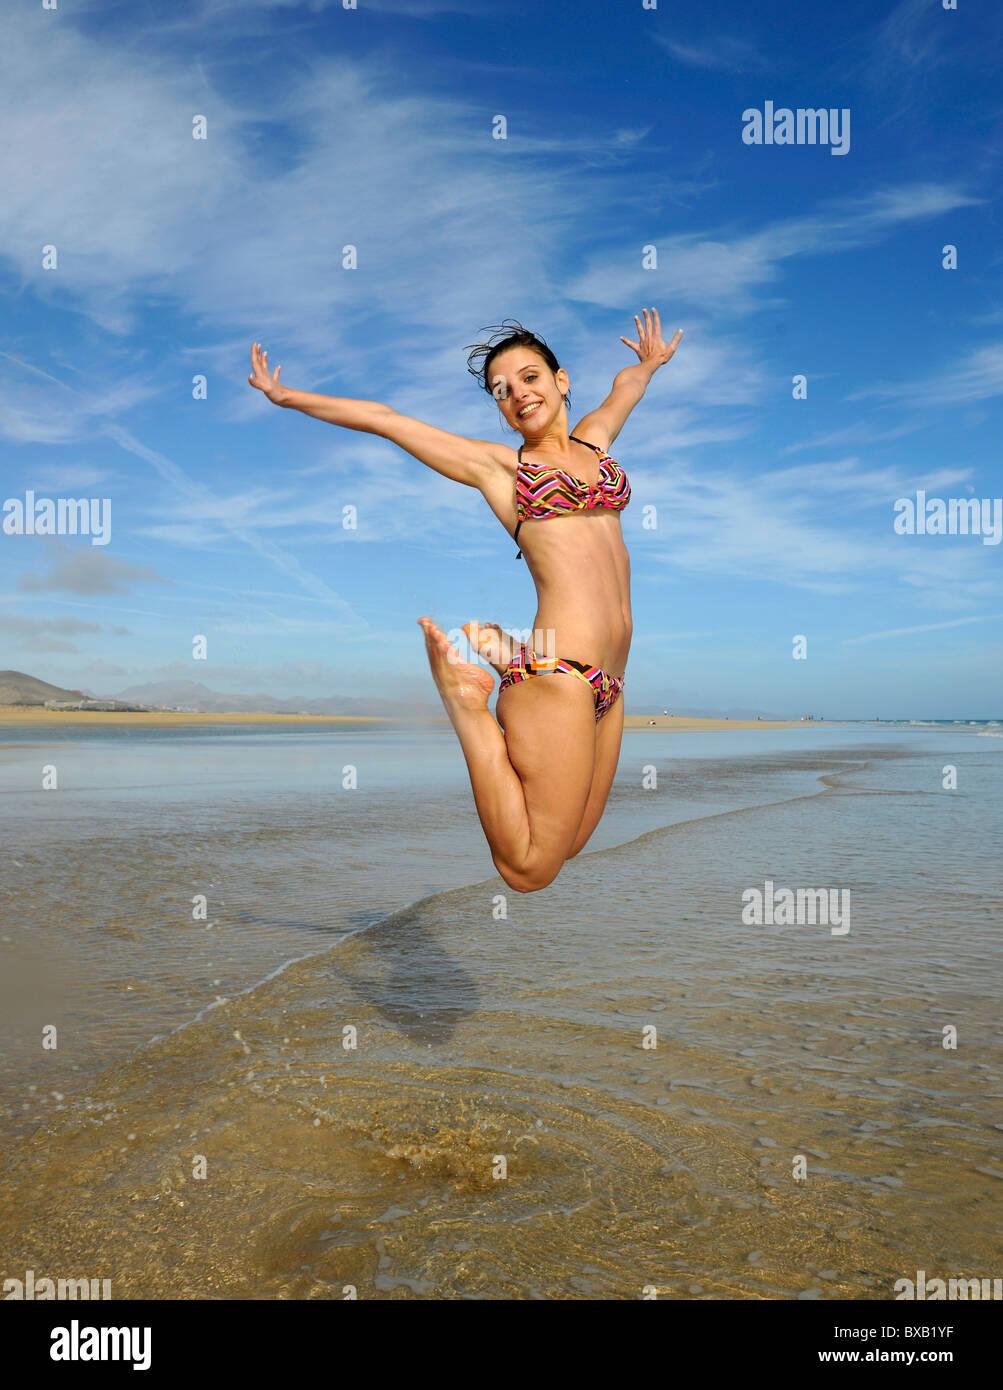 Salto in aria, giovane donna al mare, immagine simbolica per la vitalità, la sete di vita, Playa de Sotavento Immagini Stock